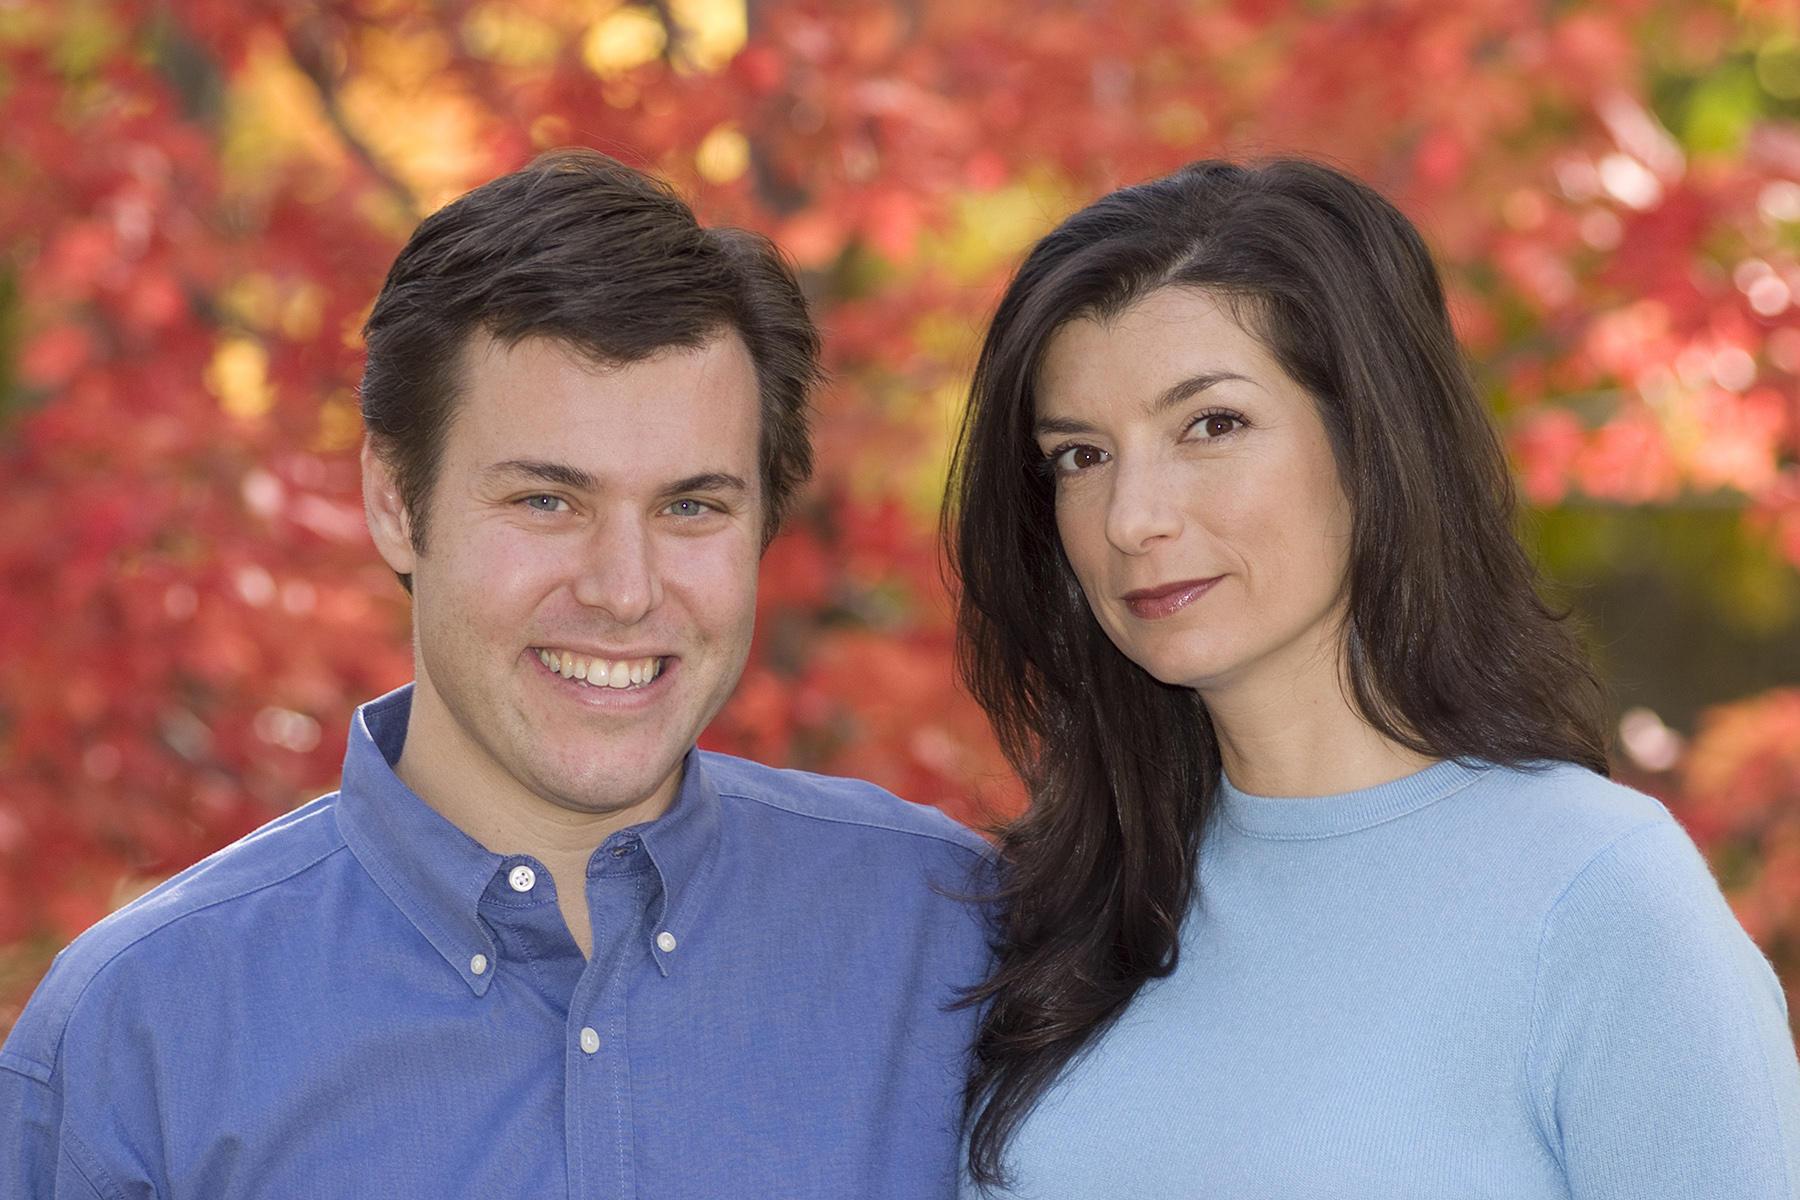 Peter og Vail dating